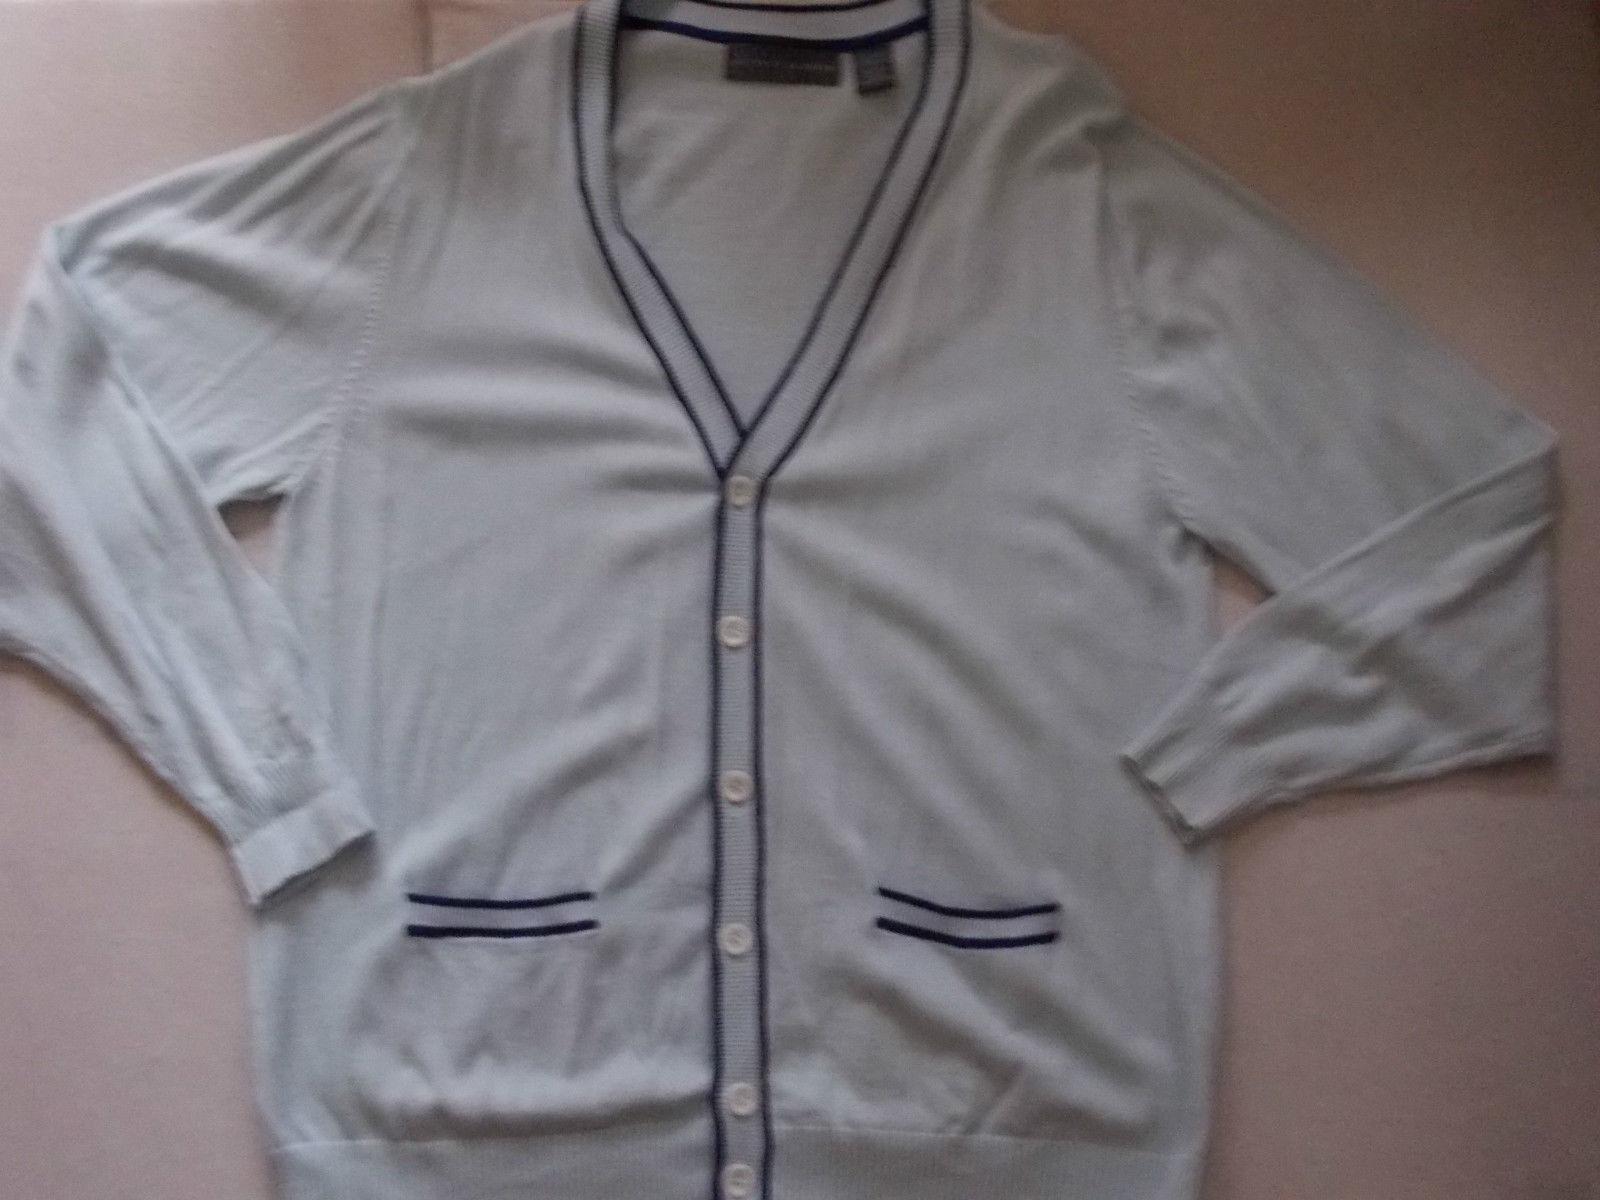 Blue long sleeve Cardigan sweater button up sweater Oscar De La Renta sweater LG - $31.64